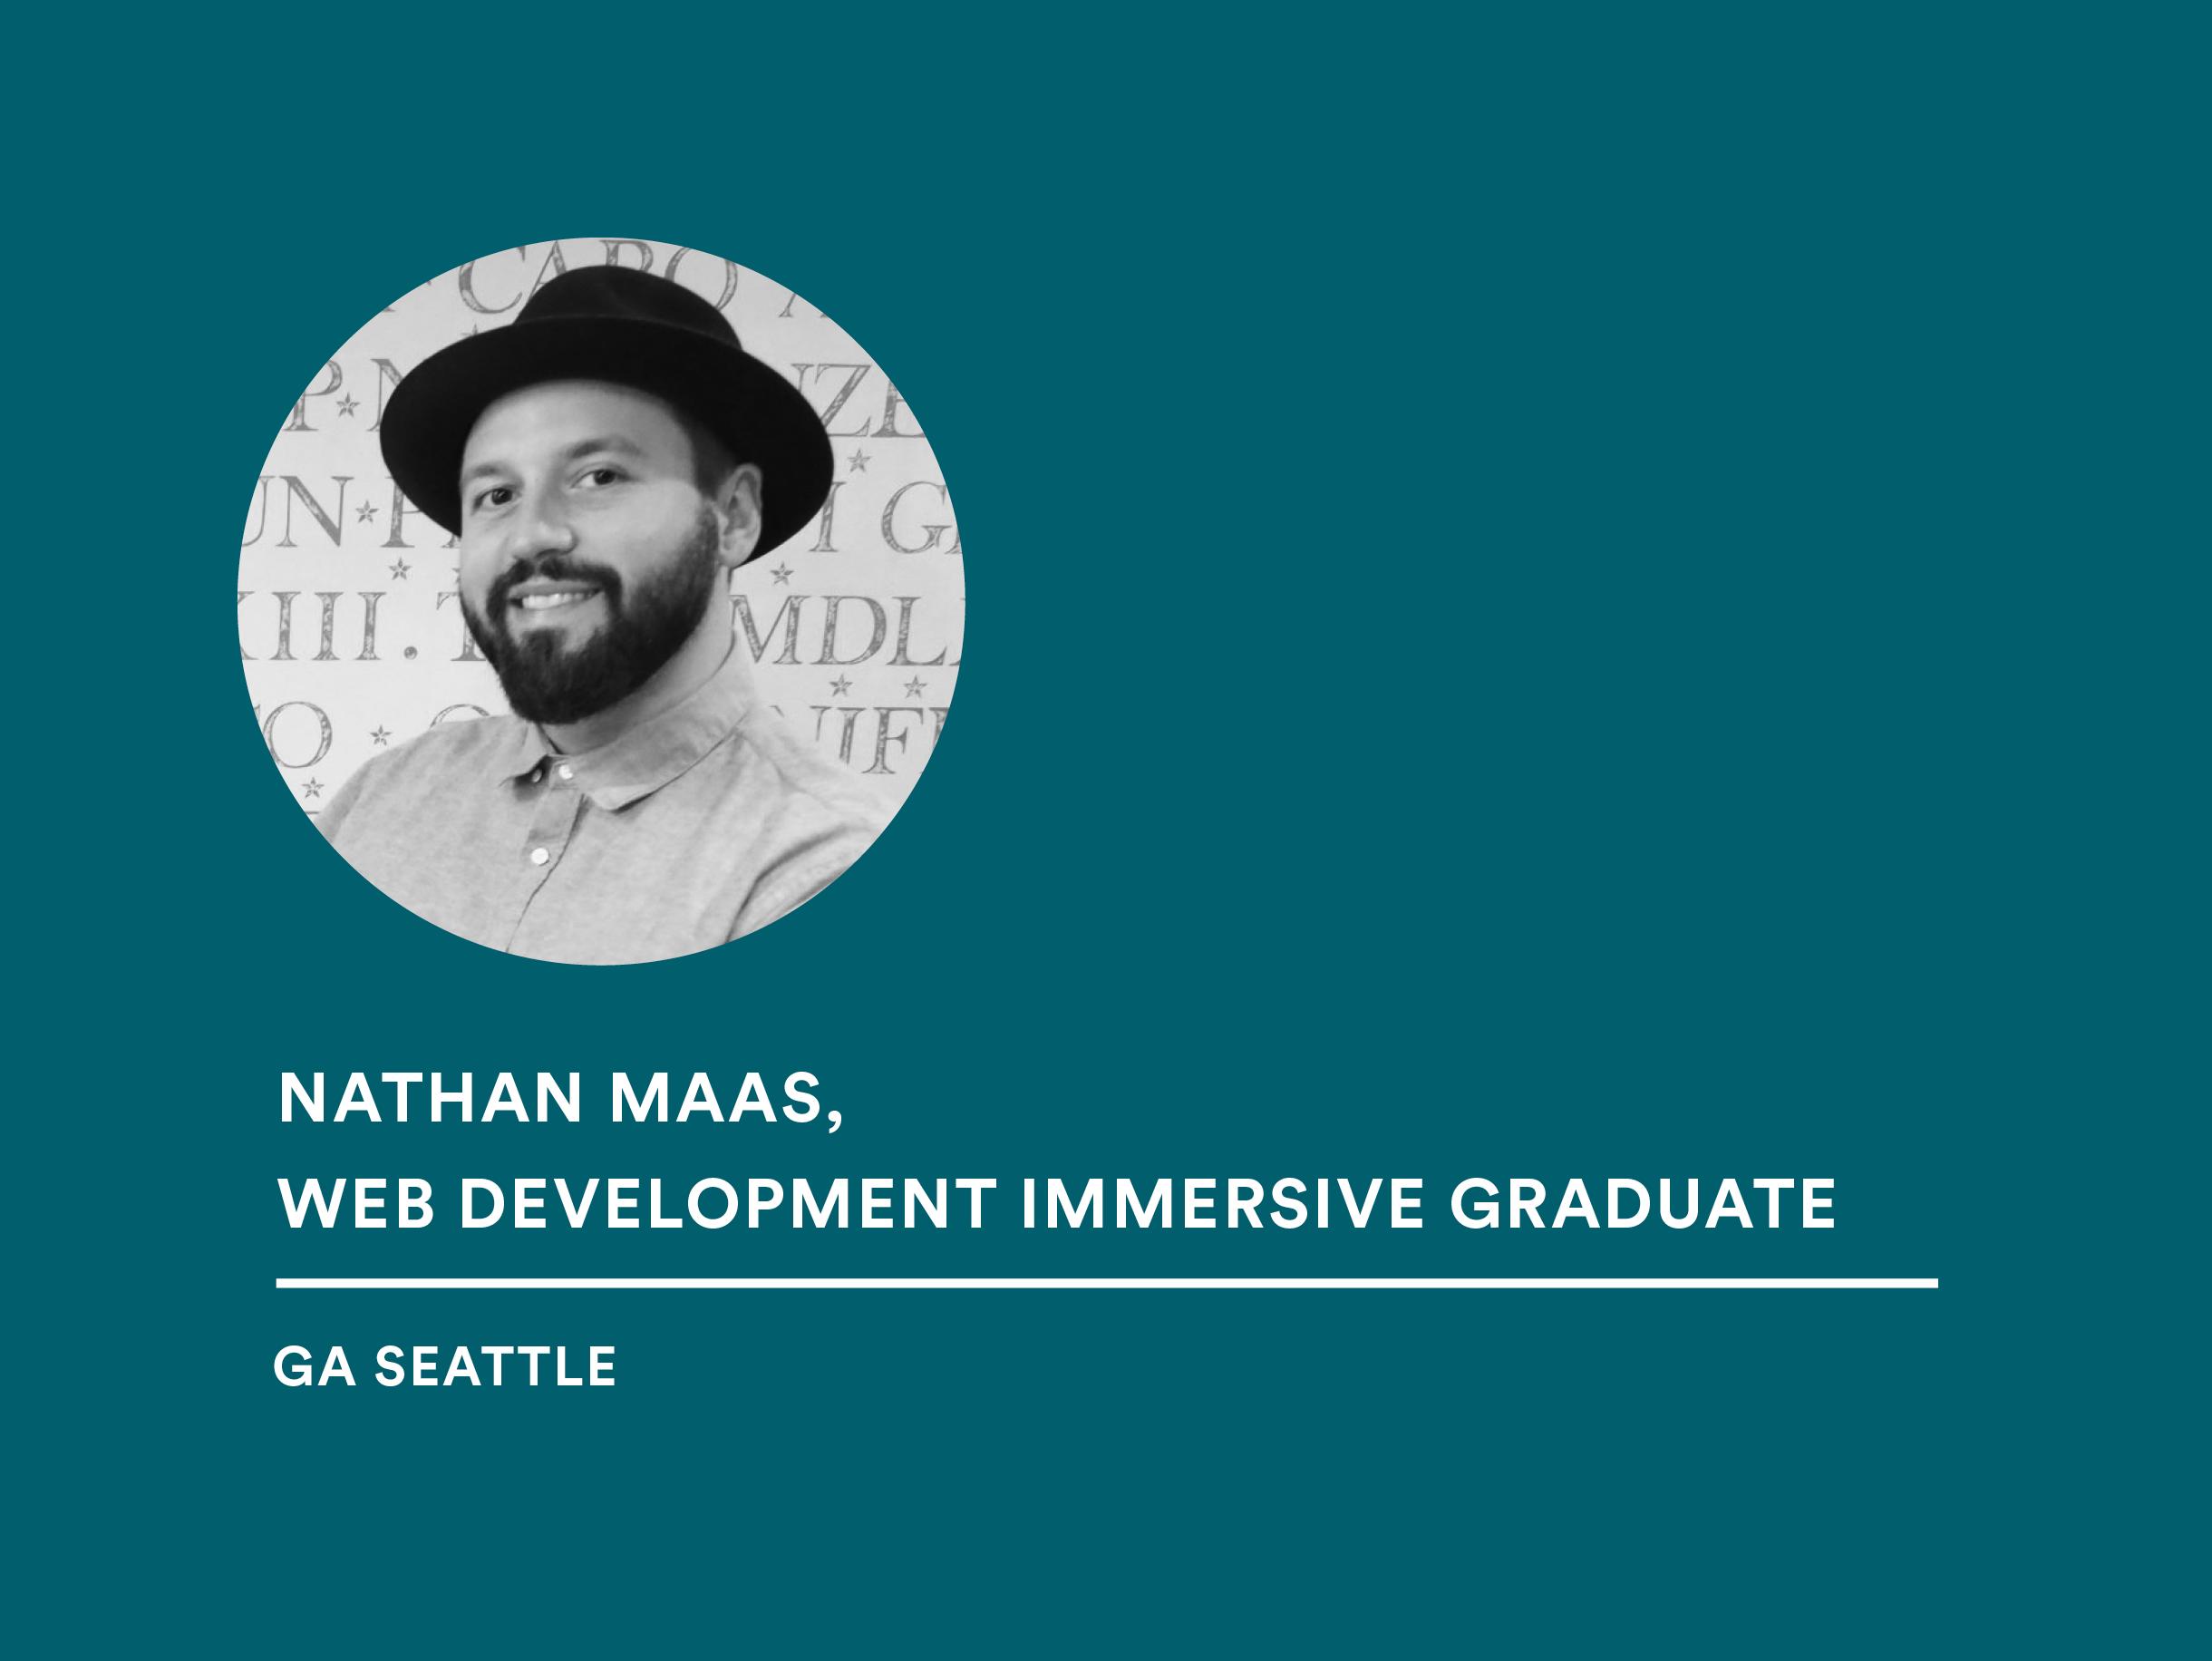 Student Nathan Maas